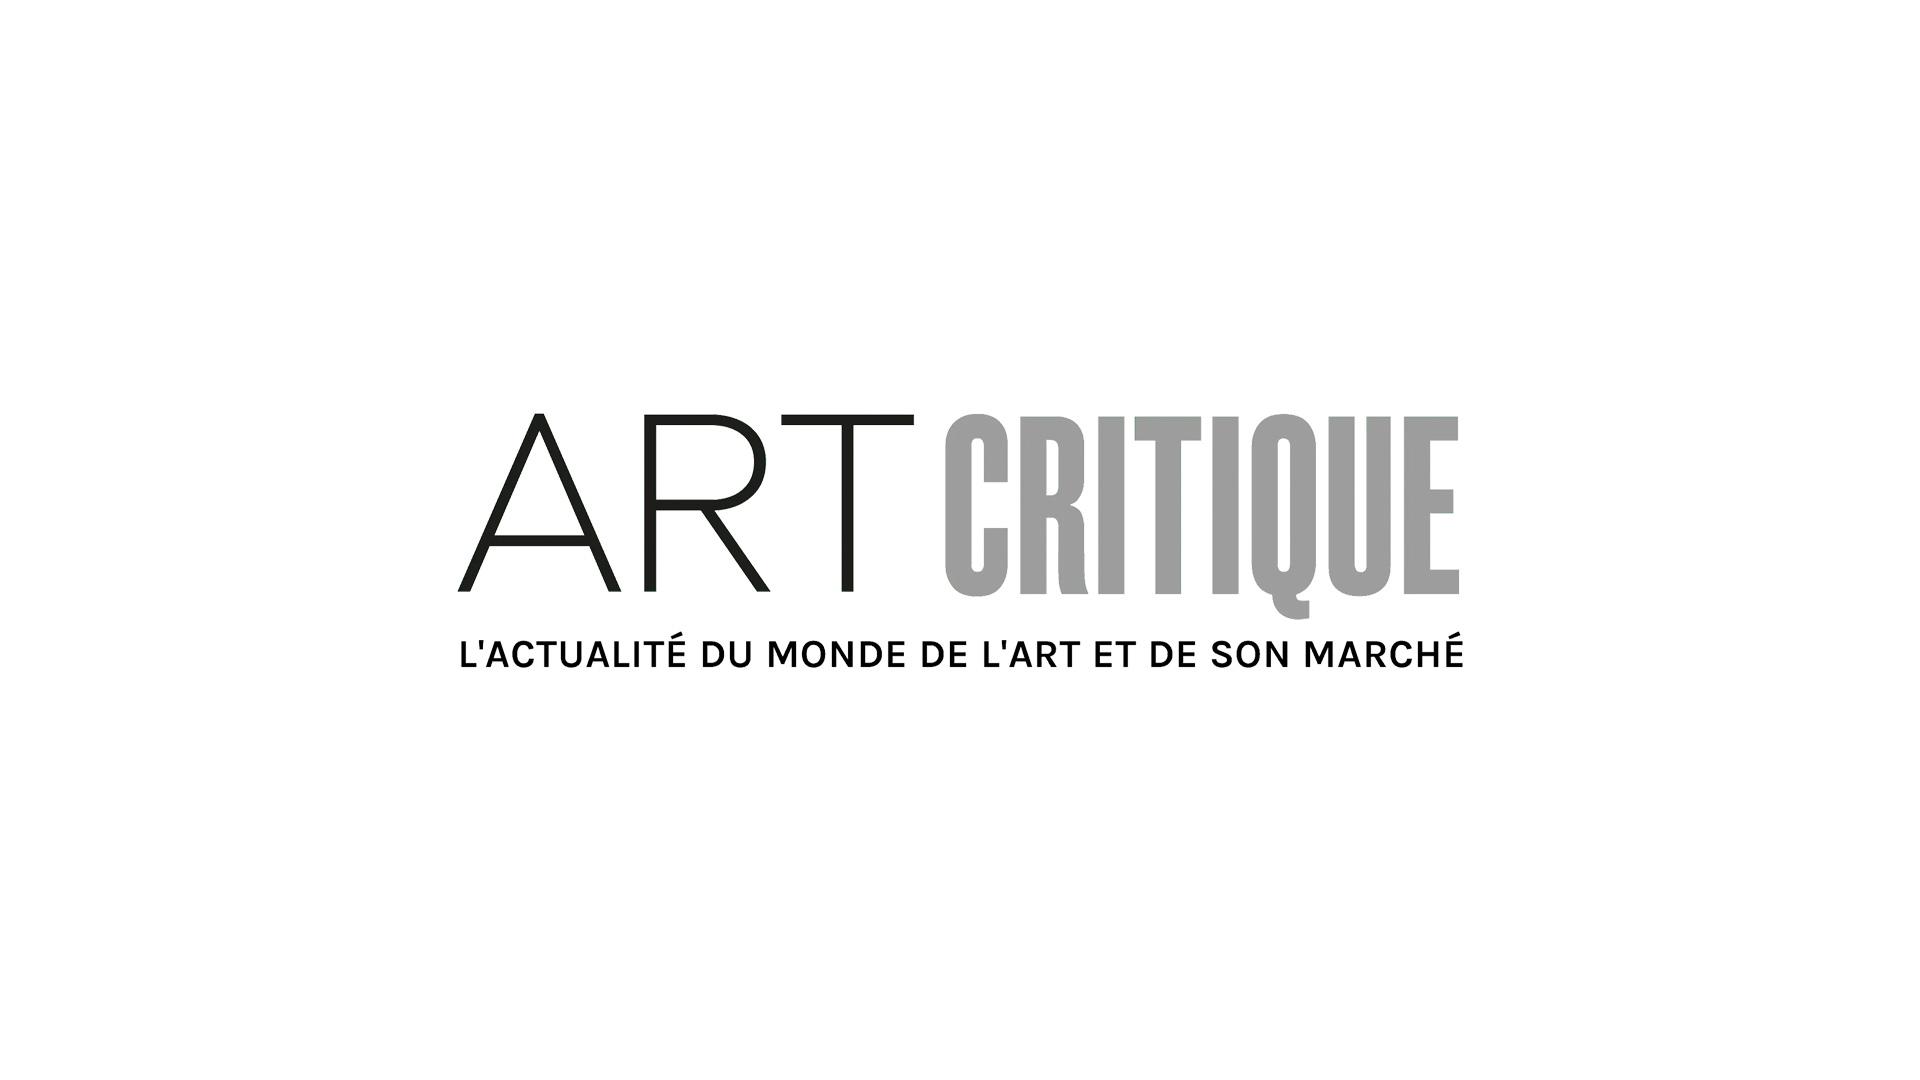 Kunstmuseum Basel agrees to settlement involving Nazi era works